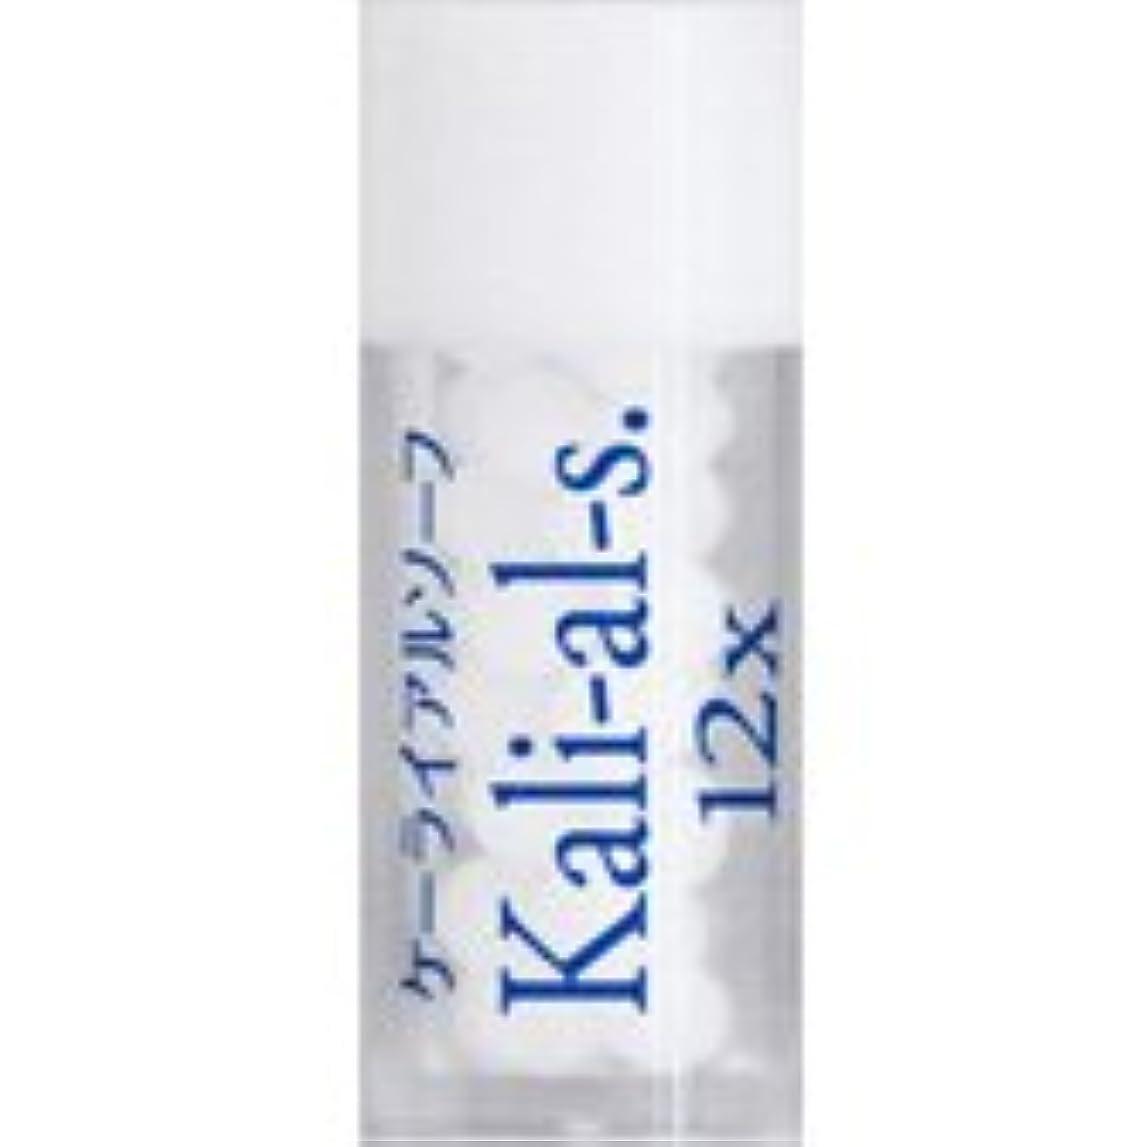 分離する腹痛批判的36バイタルエレメントキット 対応 各種 (17)Kali-al-s.12X ケーライアルソーフ)